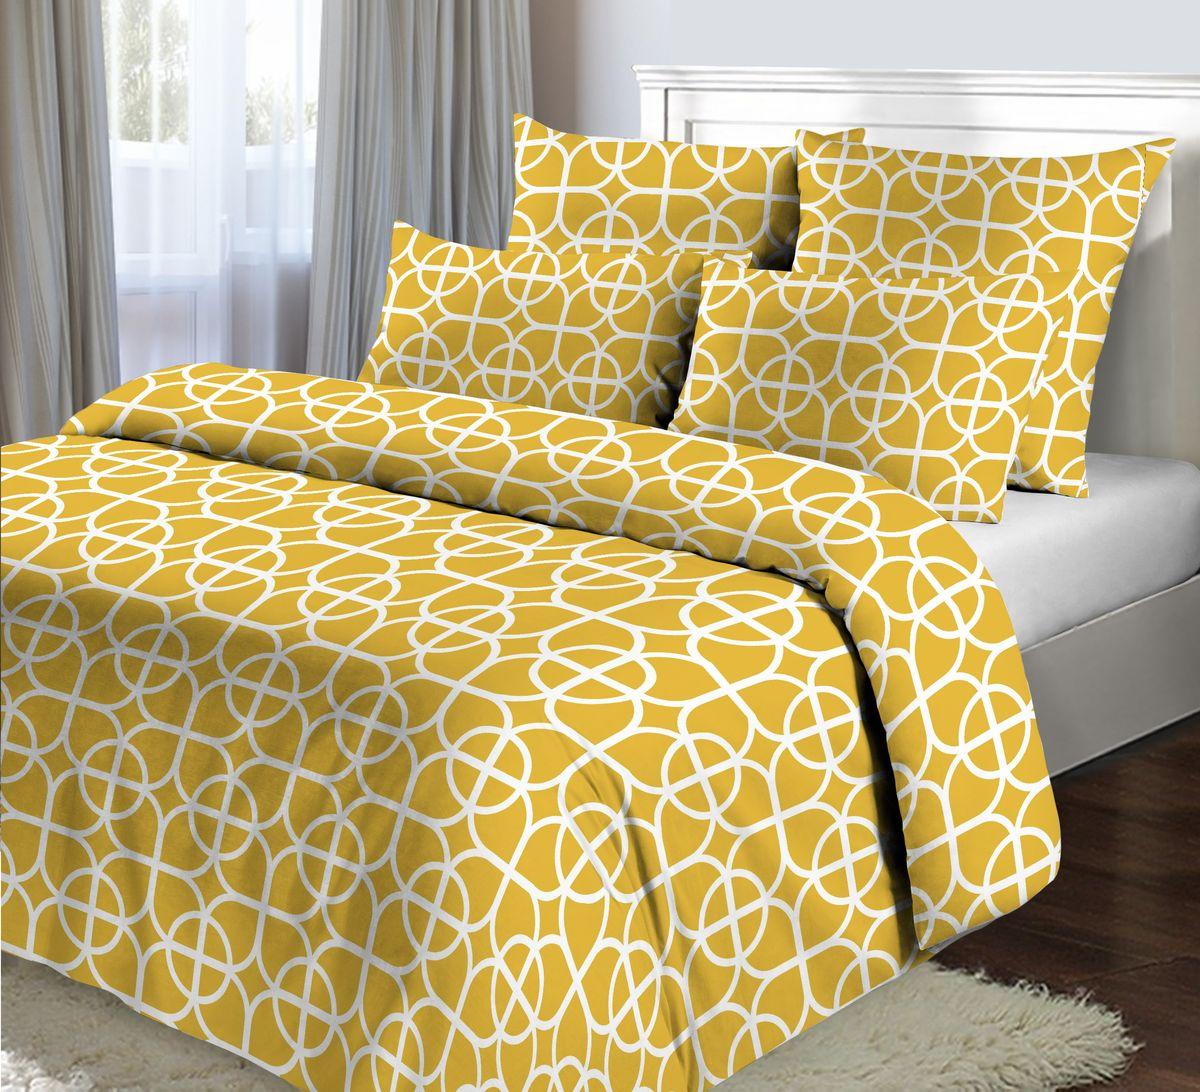 Комплект белья Коллекция Гео-3, 1,5-спальный, наволочки 70х70ОБК-1,5/70 5047.5